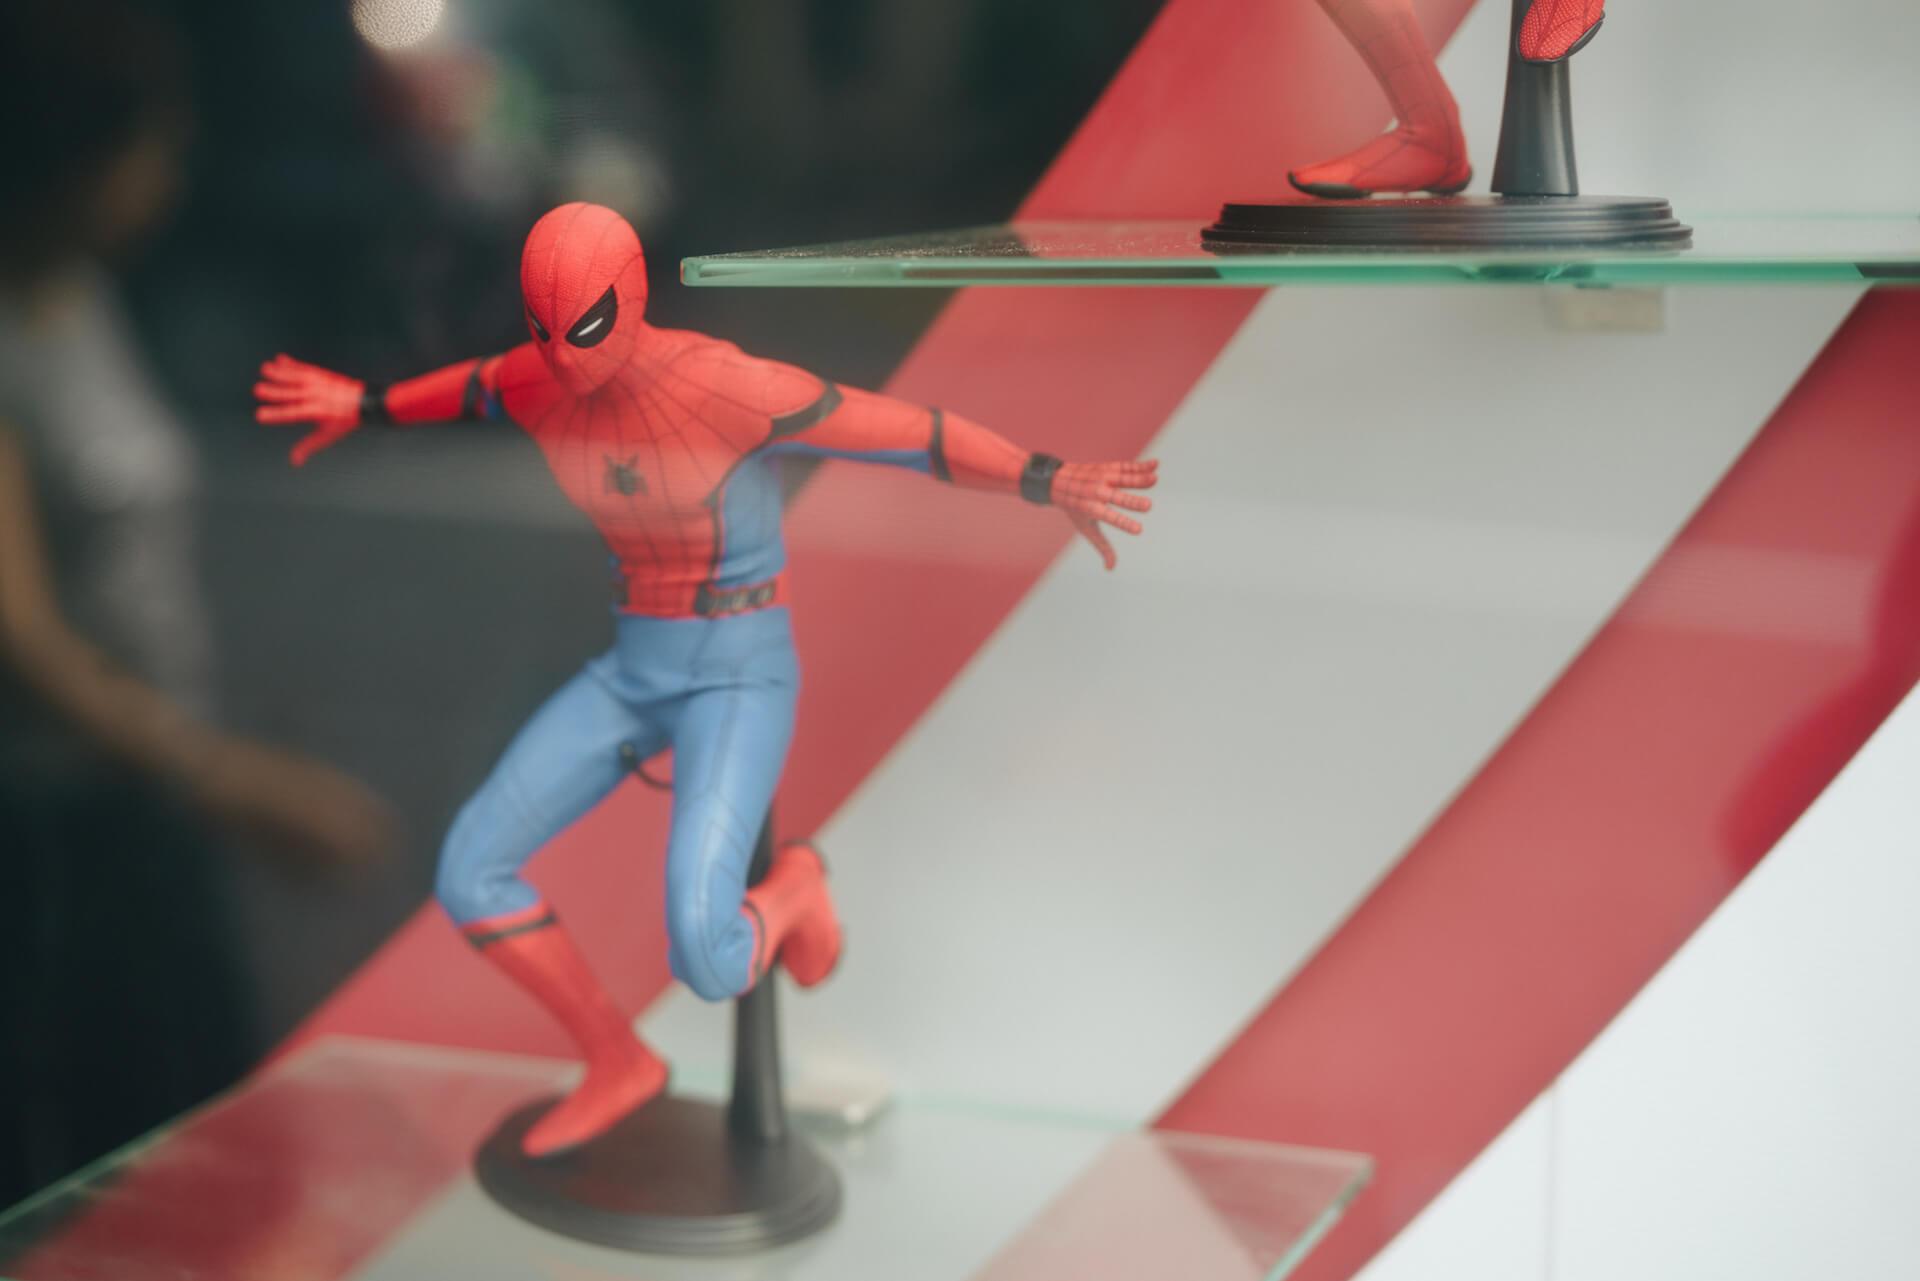 スパイダーマン好きなら目ギラギラ大興奮必至の期間限定ショップ探訪 art-culture-spiderman-store-report-19